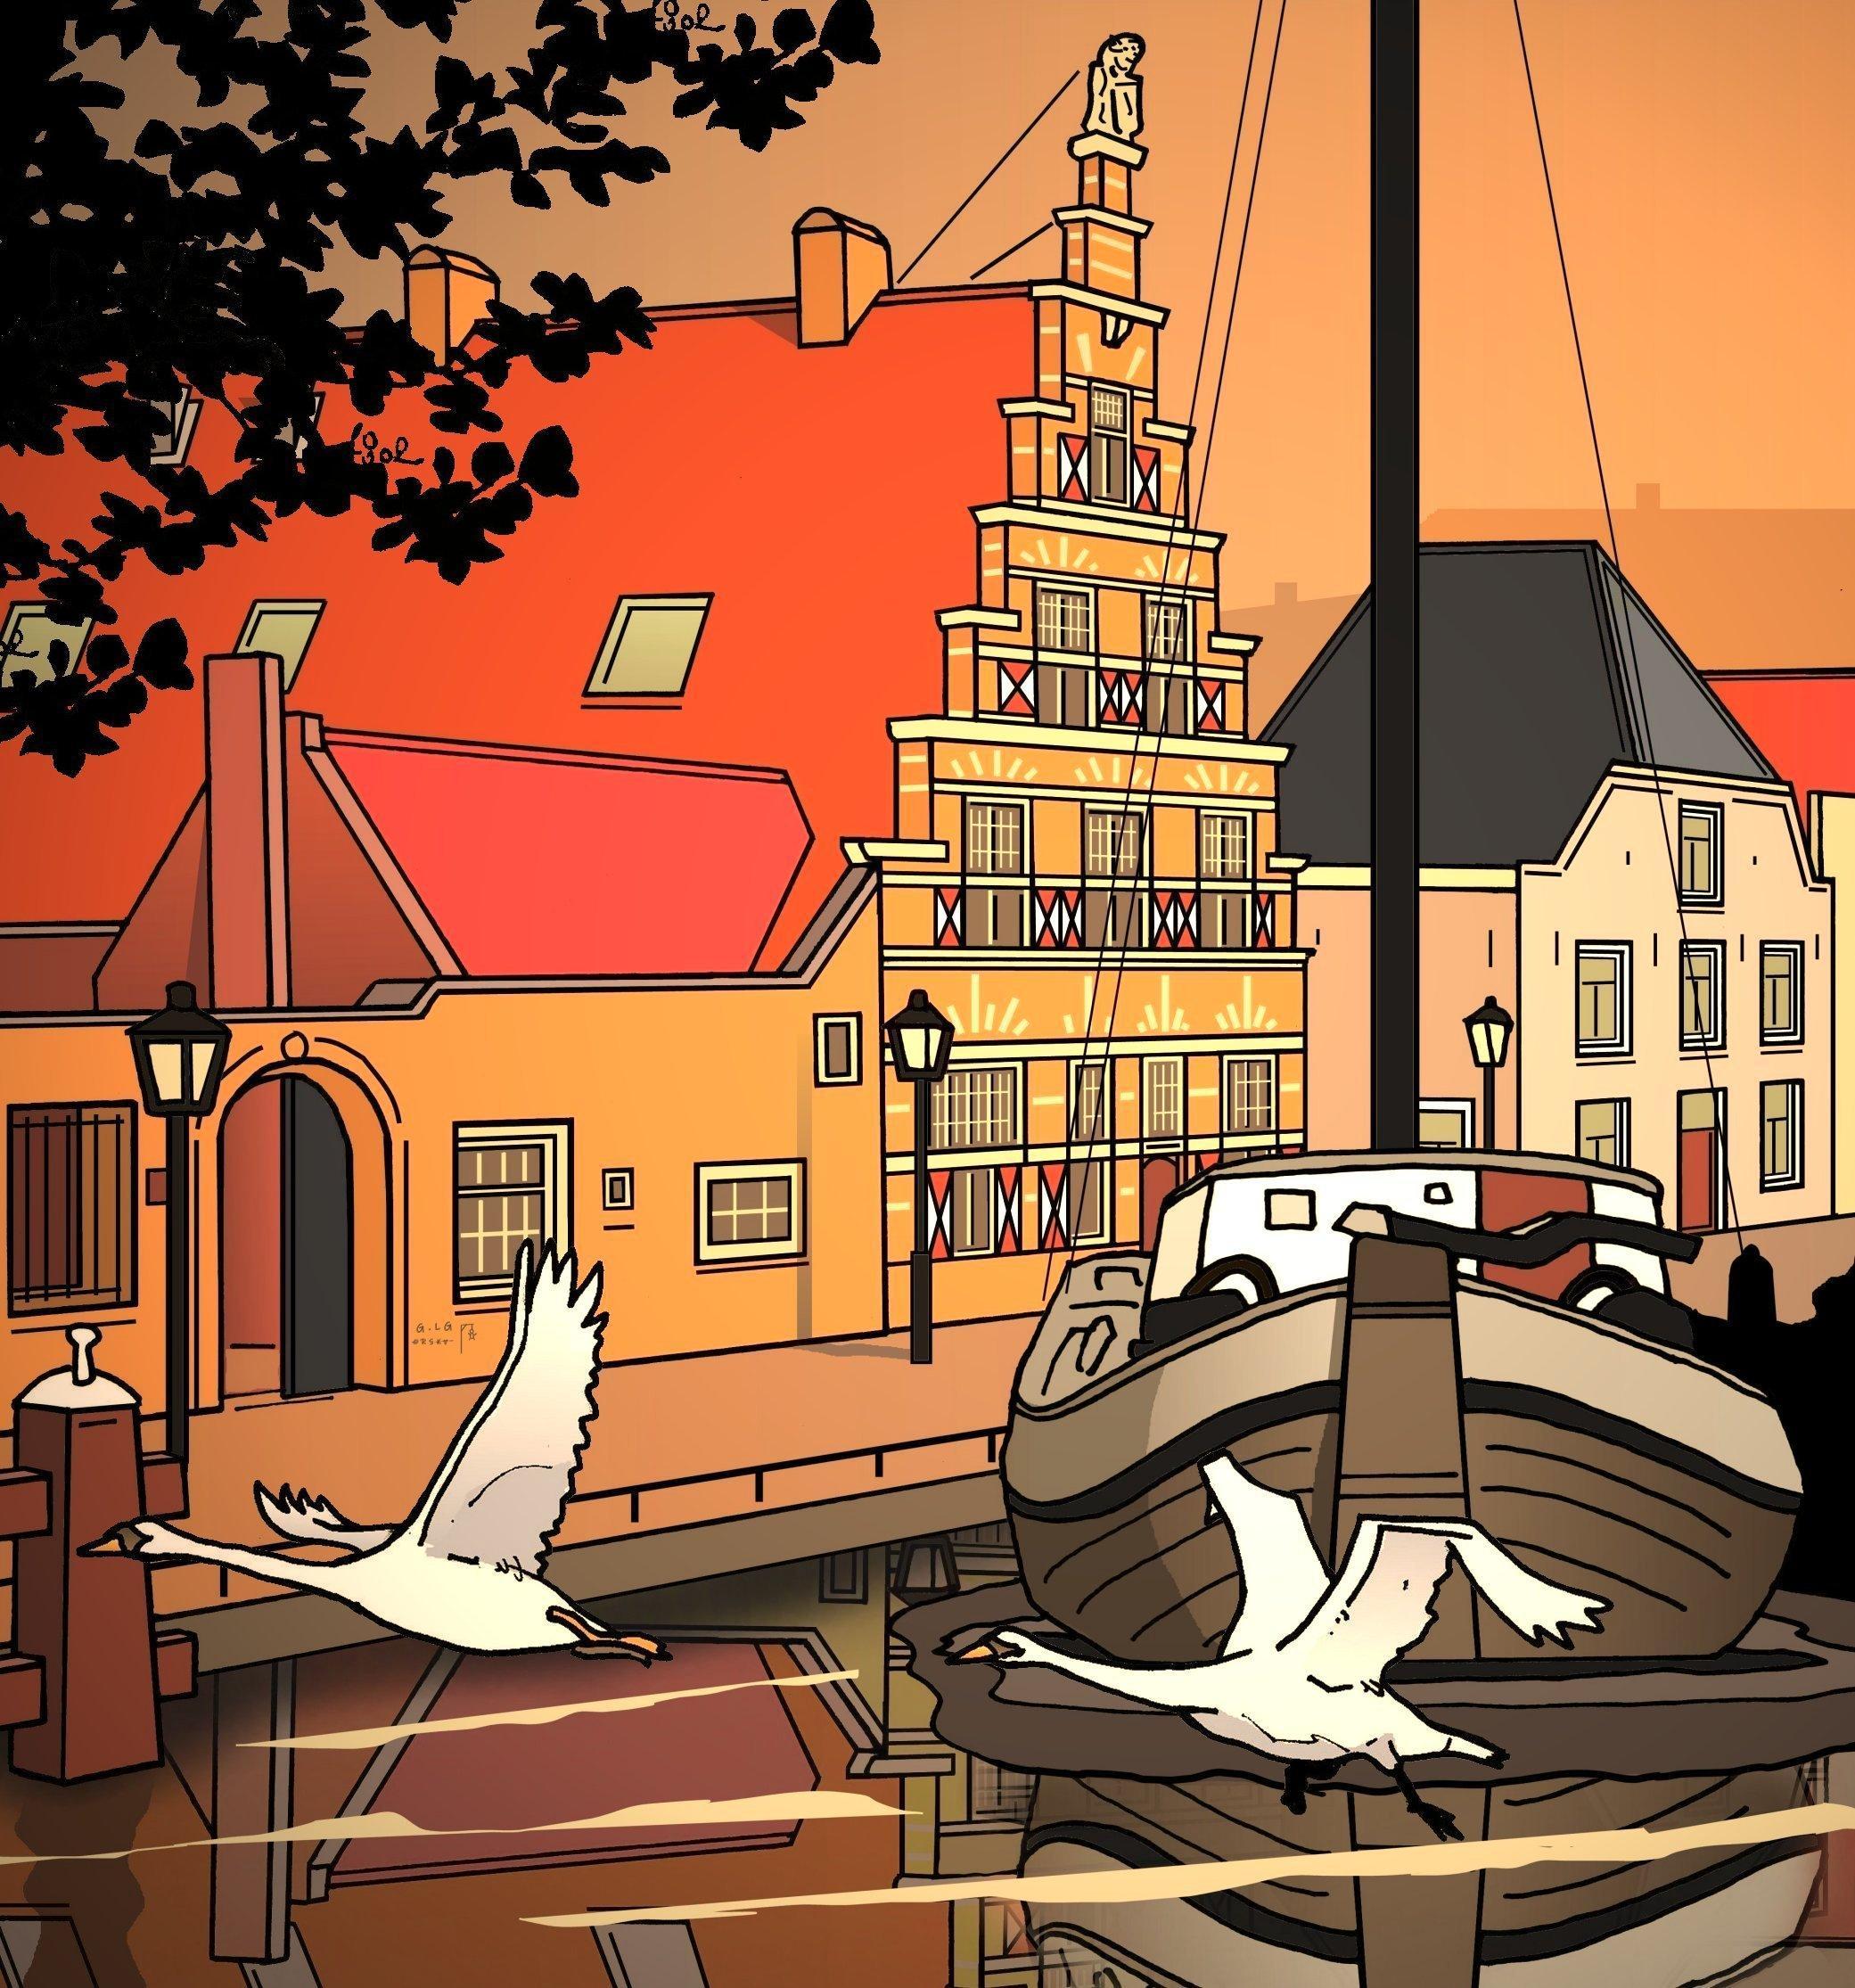 De stadstimmerwerf, hinderlijke industrie van vroeger is nu een benijdenswaardig huis   Leiden in Klare Lijn